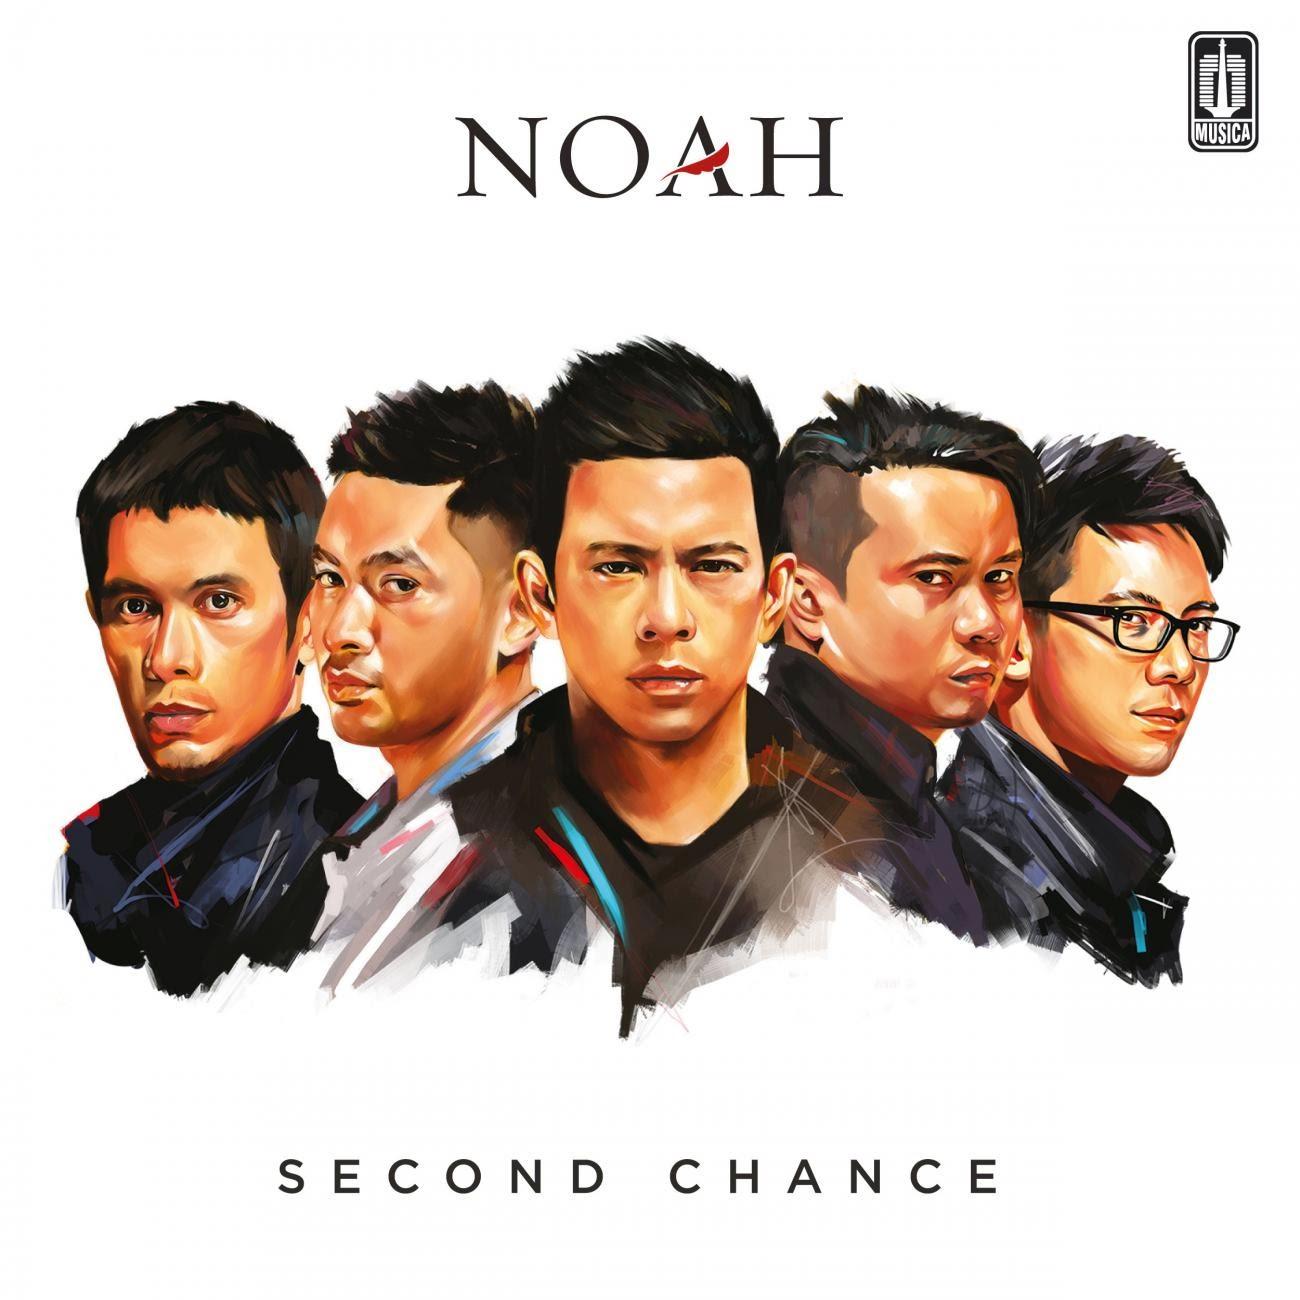 Kunci Chord Gitar Lirik Lagu Noah Seperti Kemarin